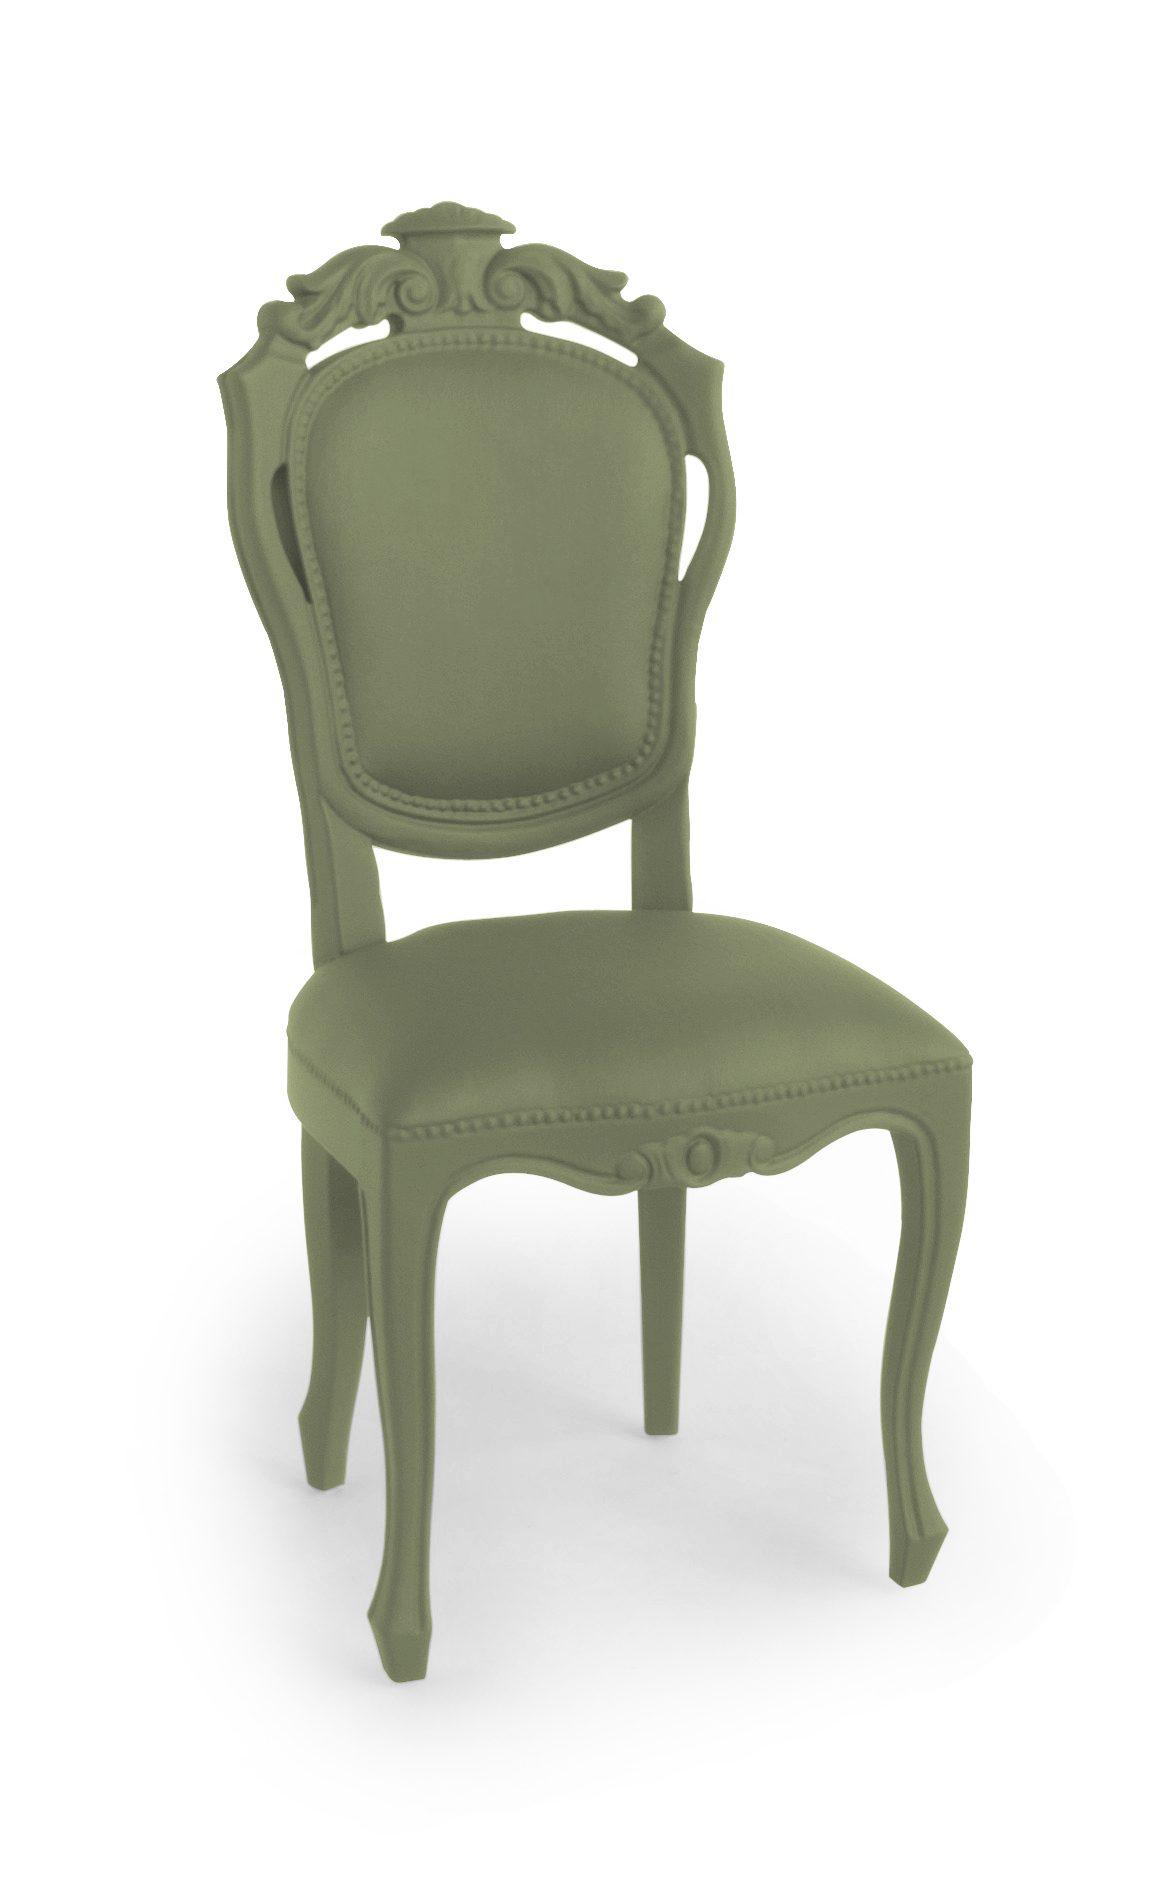 Exclusieve Eettafelstoel Dutch Design Jspr Plastic Fantastic Dining Chair Olive Olijf Groen